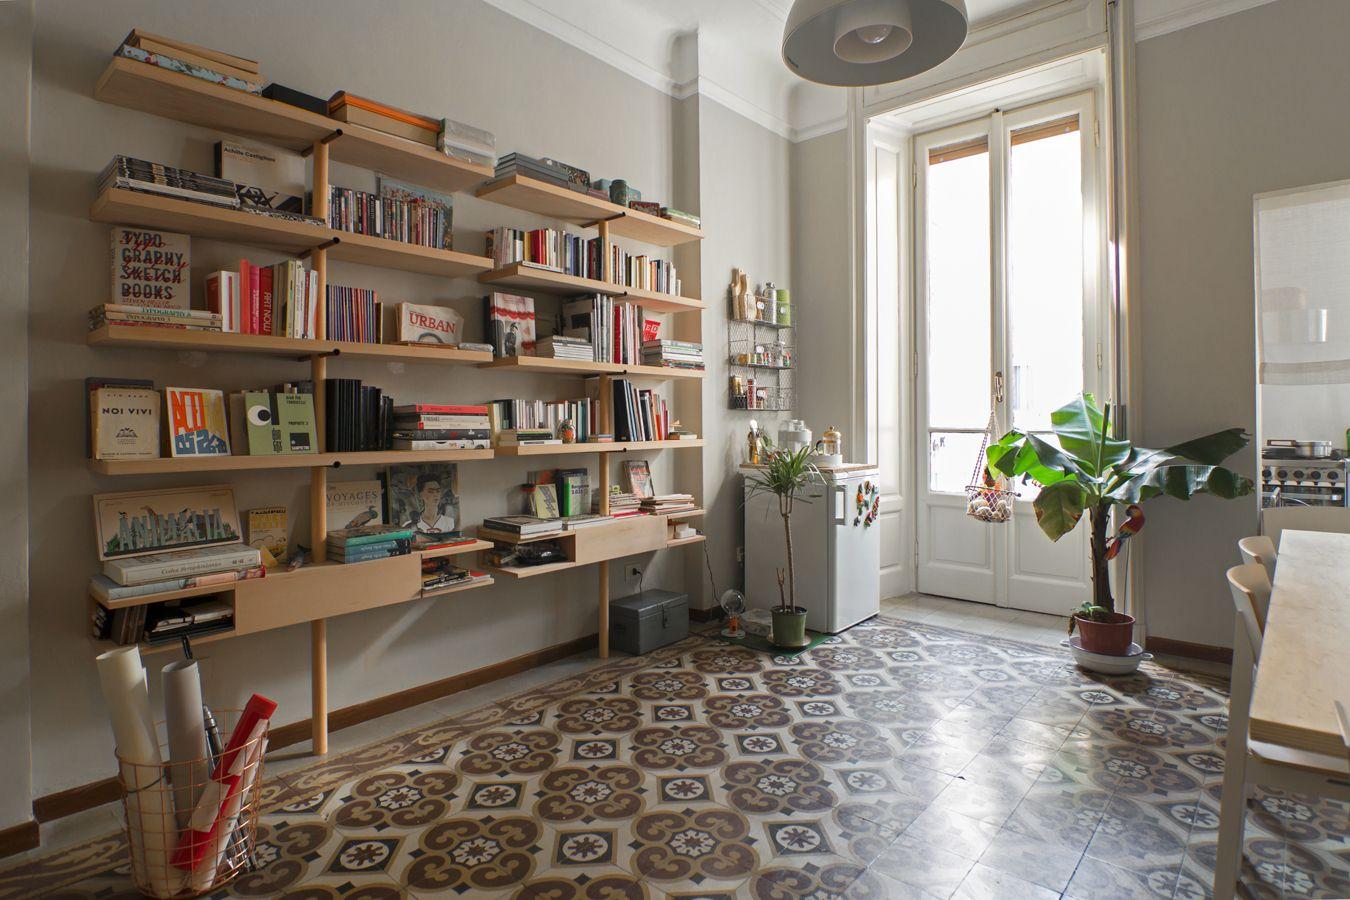 Mobili Per La Casa Milano : Casa in stile vecchia milano living corriere casa dolce casa